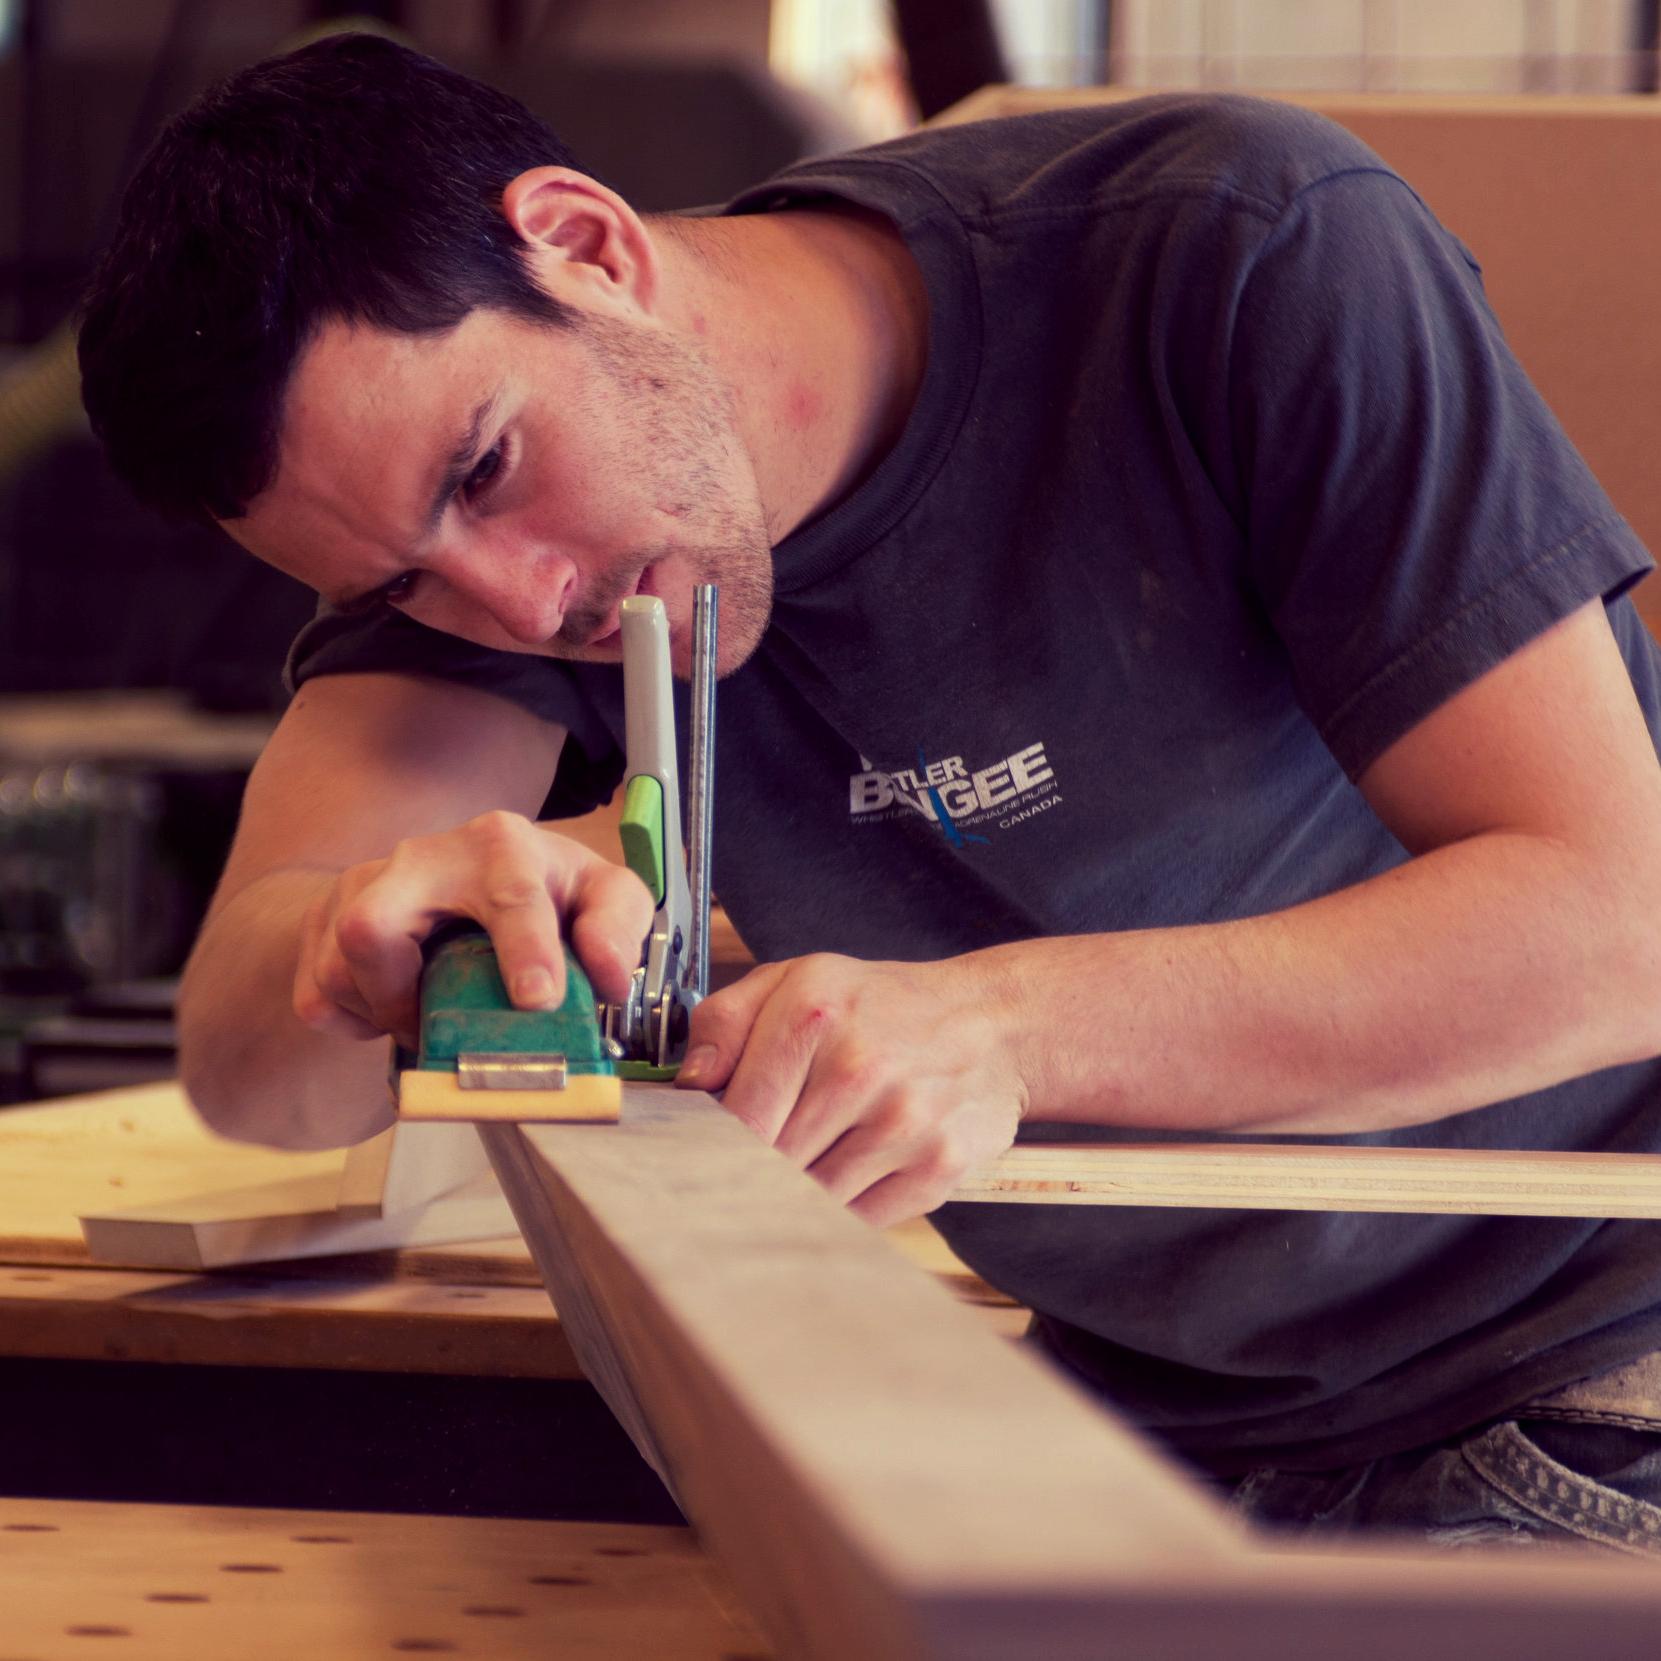 paul-heneghan-woodworking-maker-gents.jpg